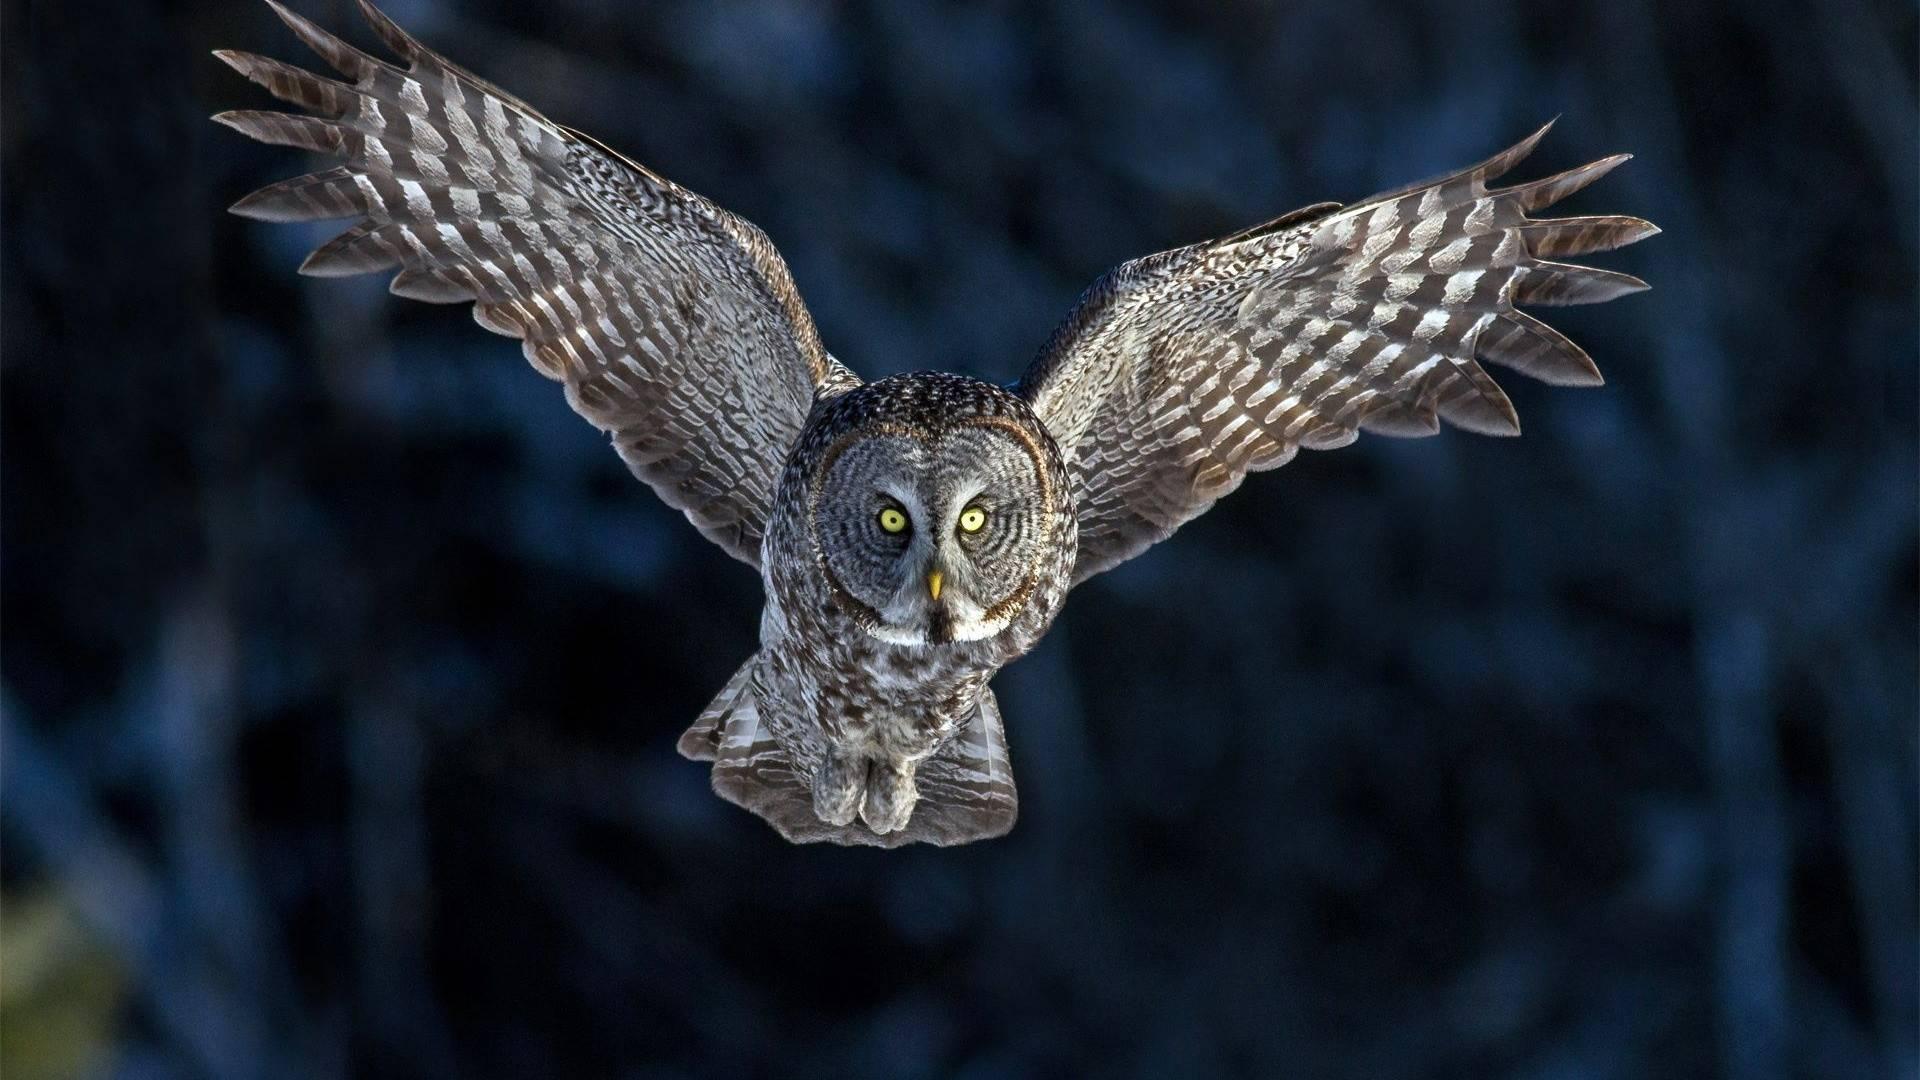 Flying Owl Flying Owl wallpaper 1920x1080